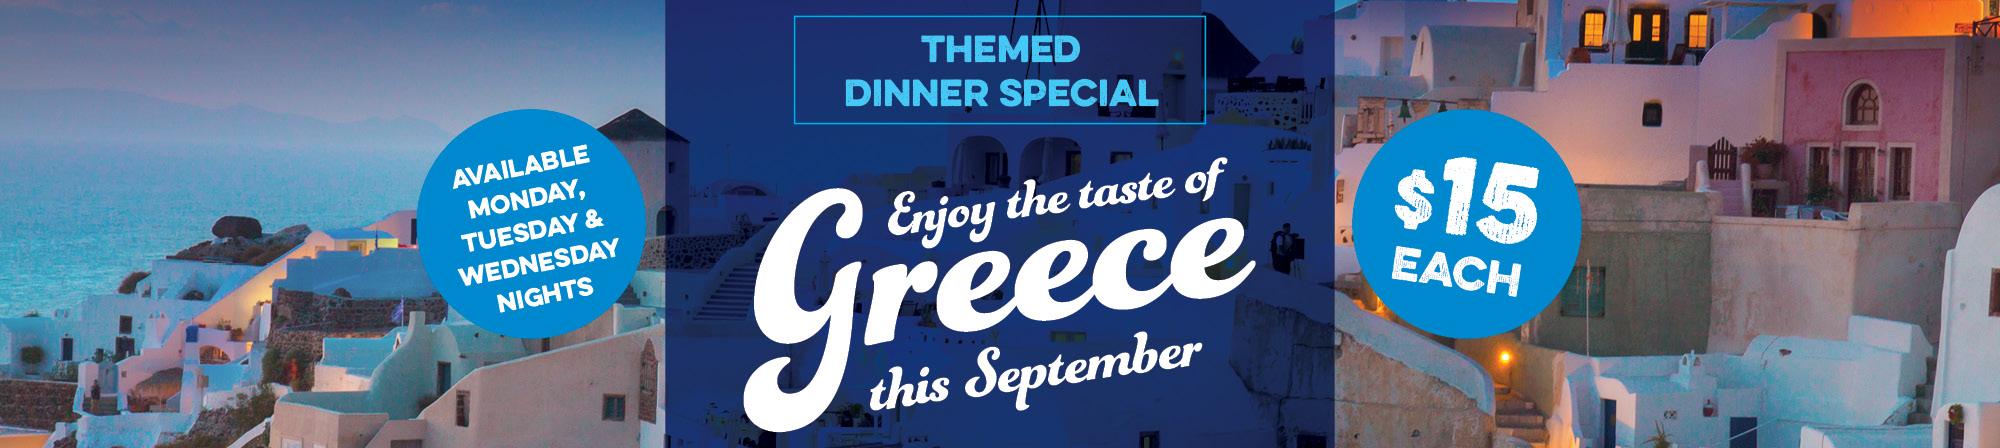 Maze-Monthly-Themed-Dinner_web-slide